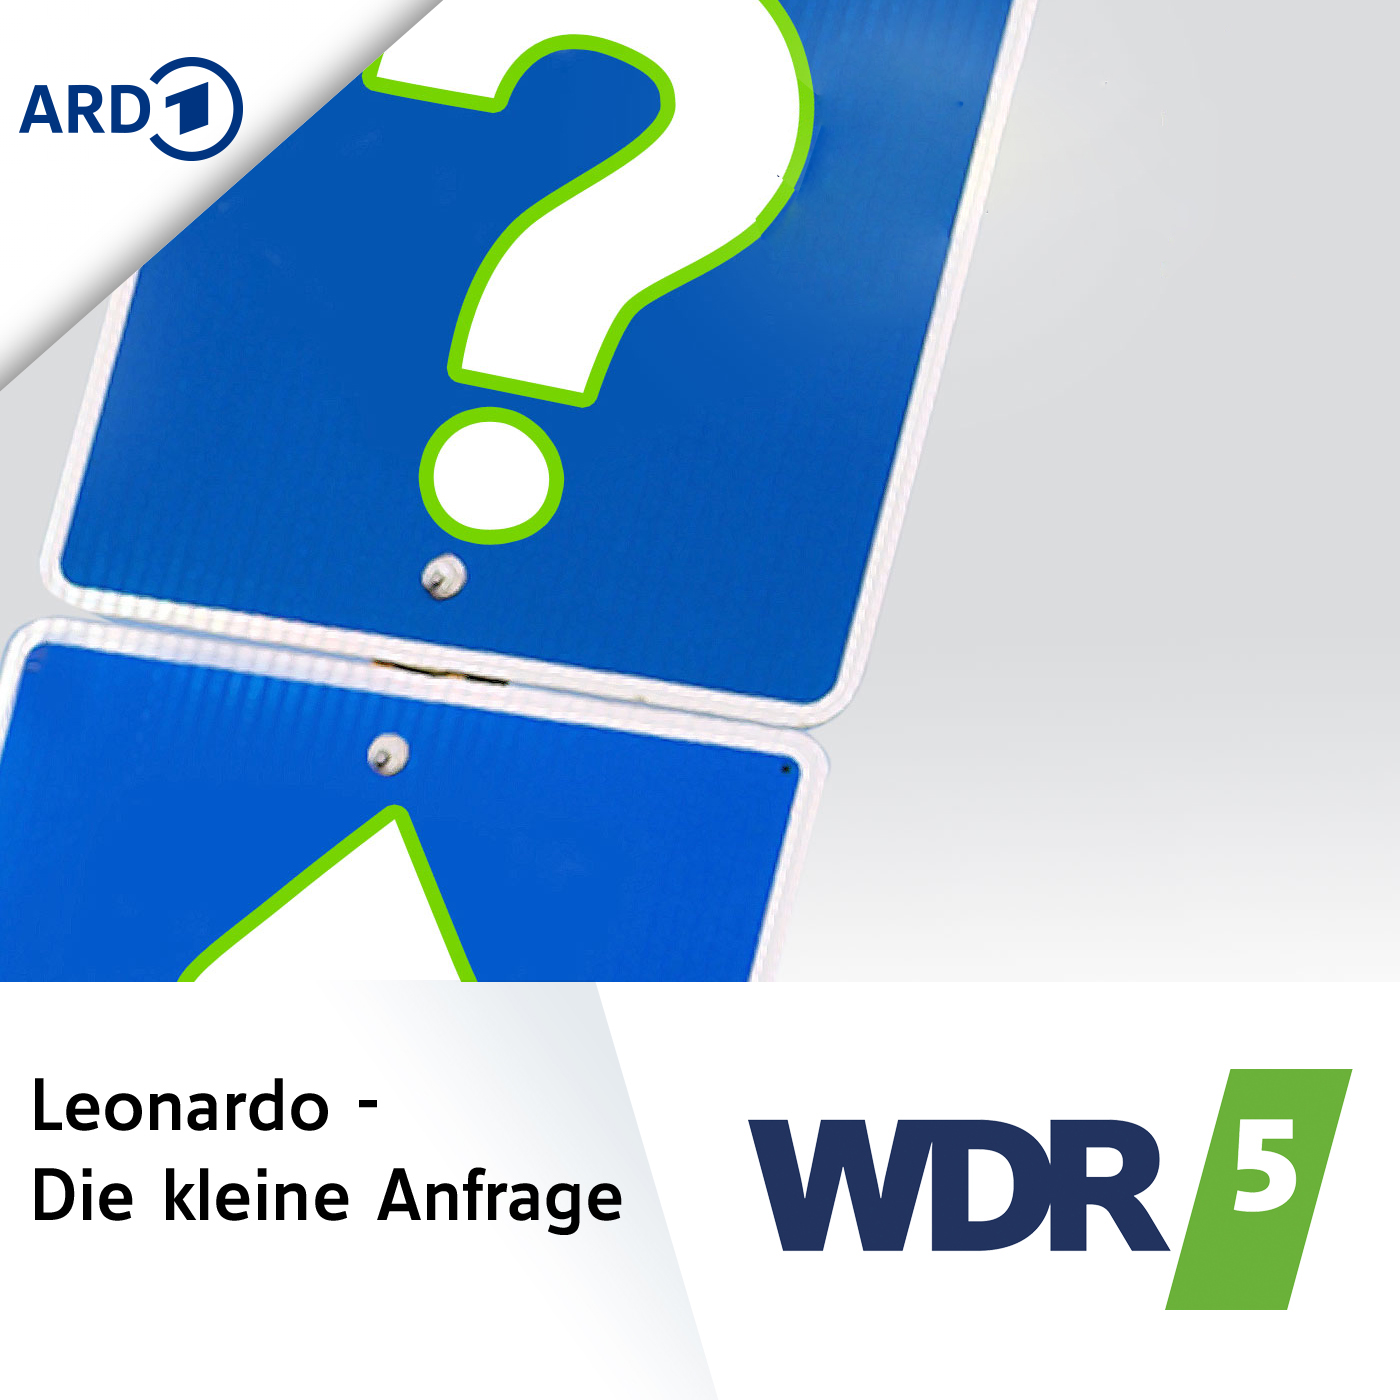 WDR 5 Leonardo - Die Kleine Anfrage